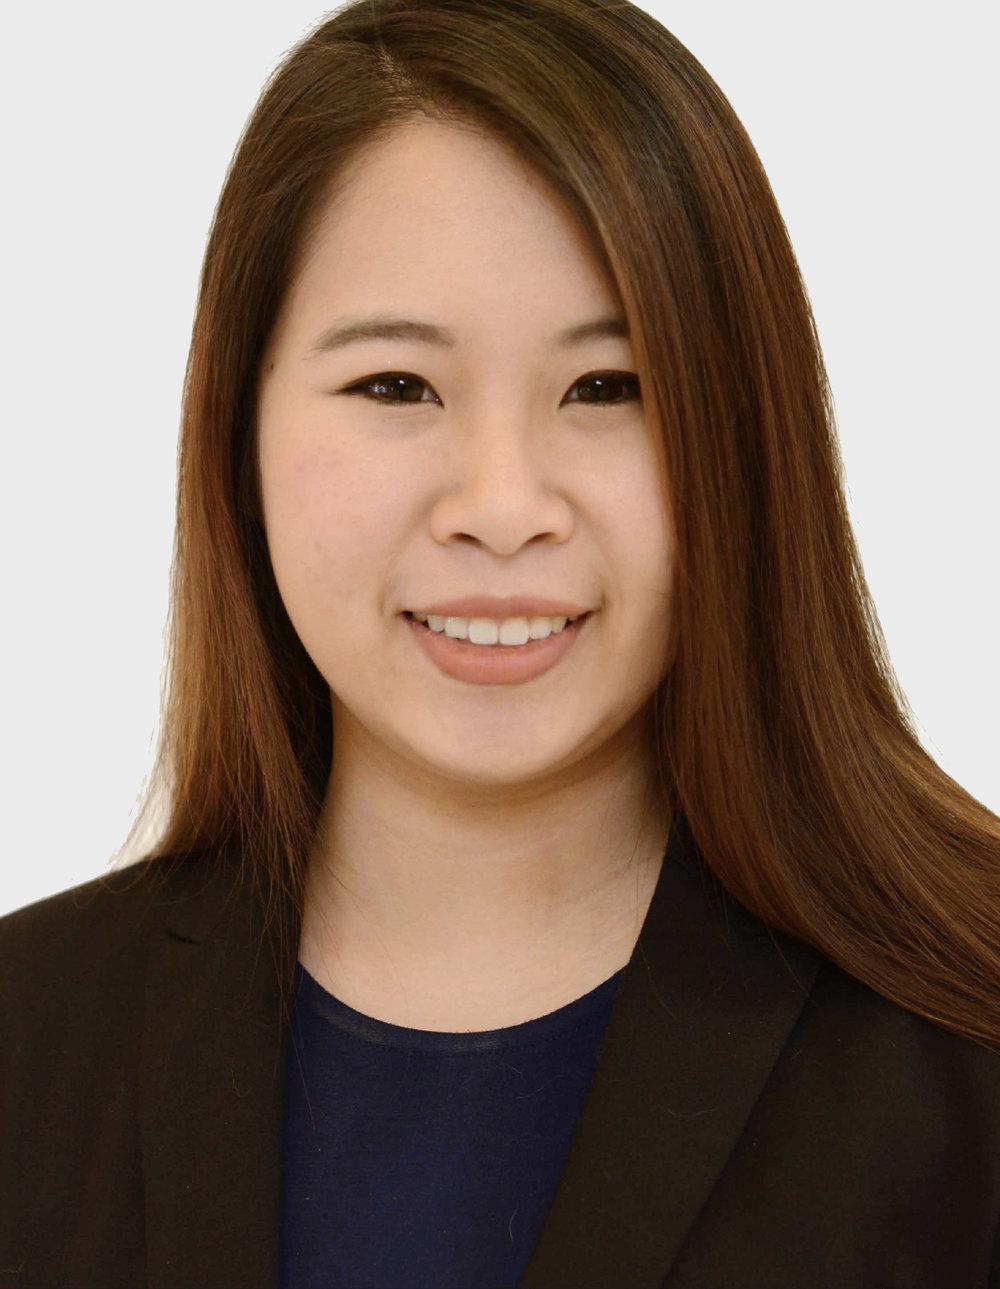 Patricia Wen